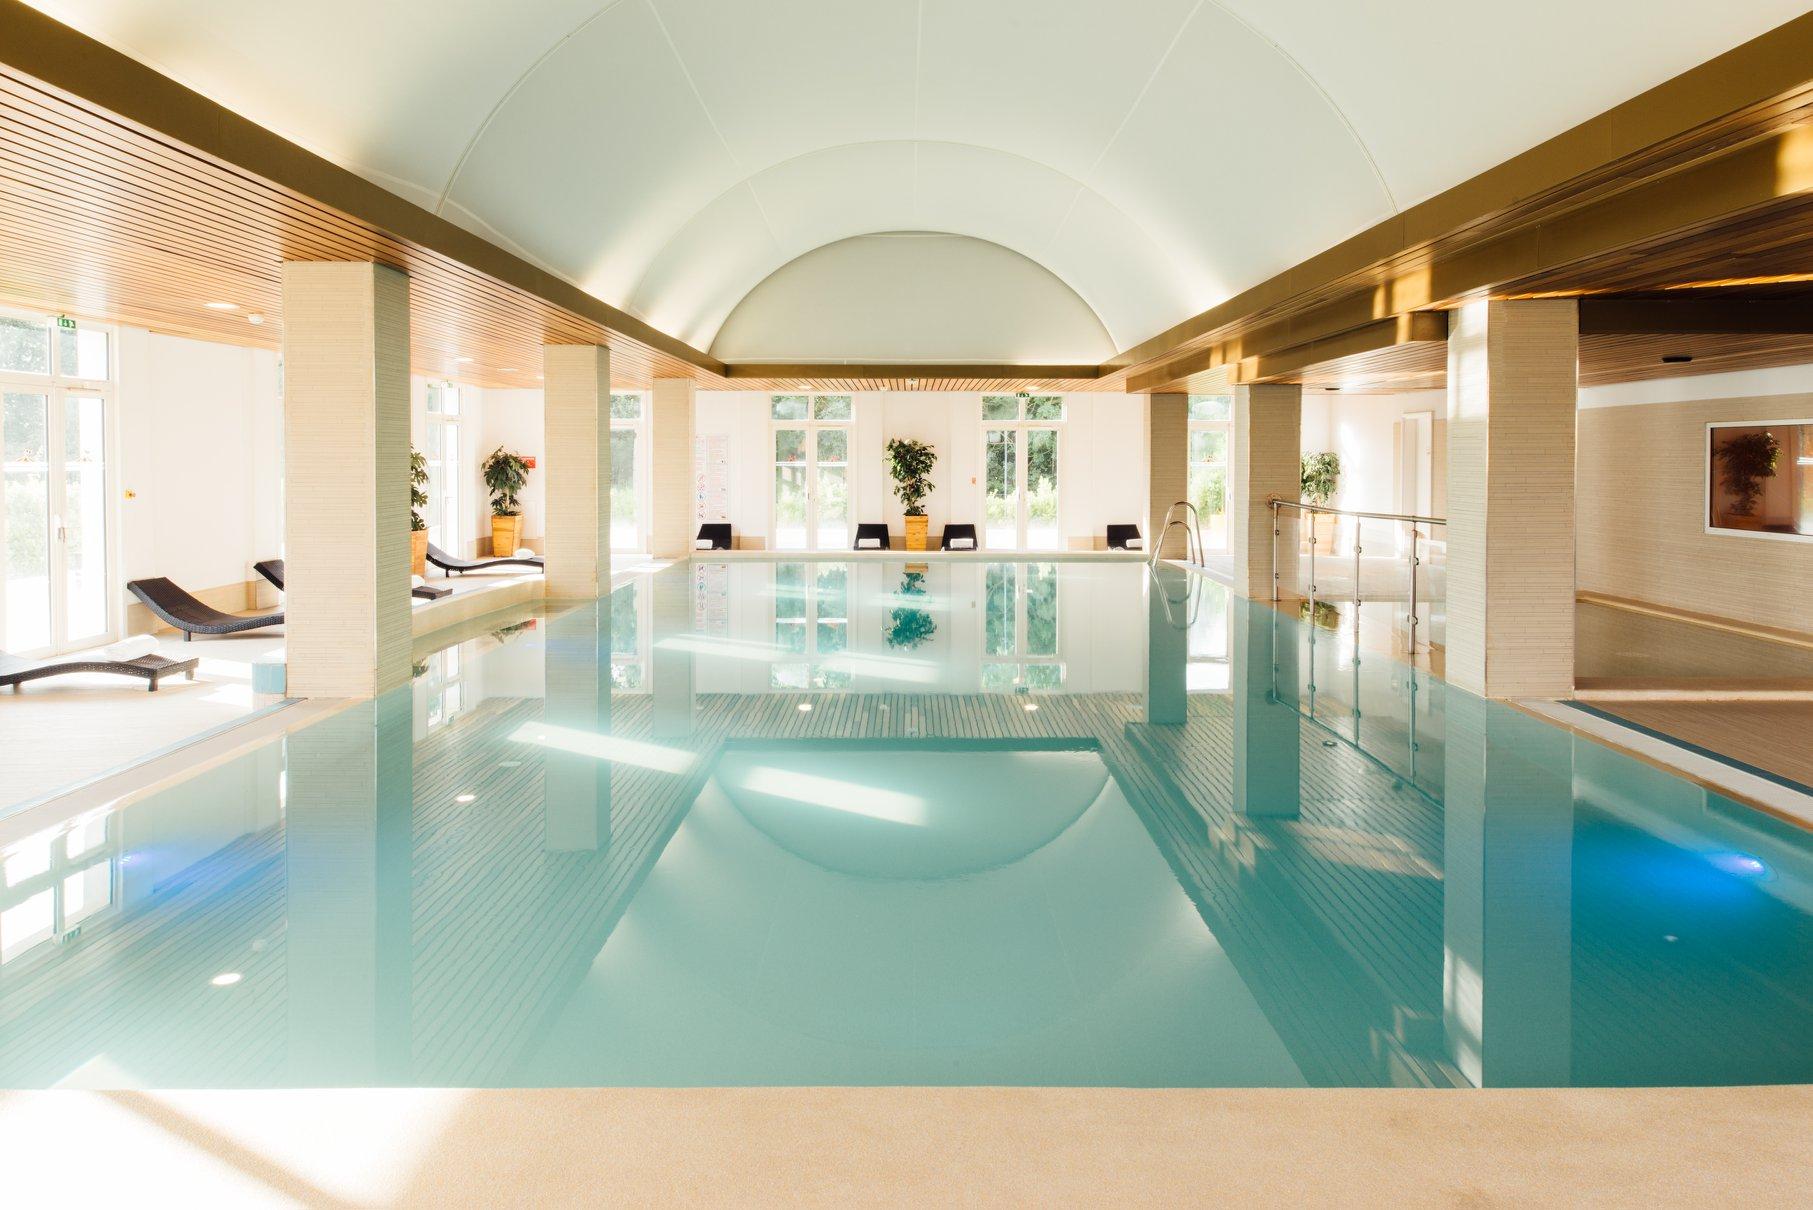 magic-circus-hotel-piscine.jpg